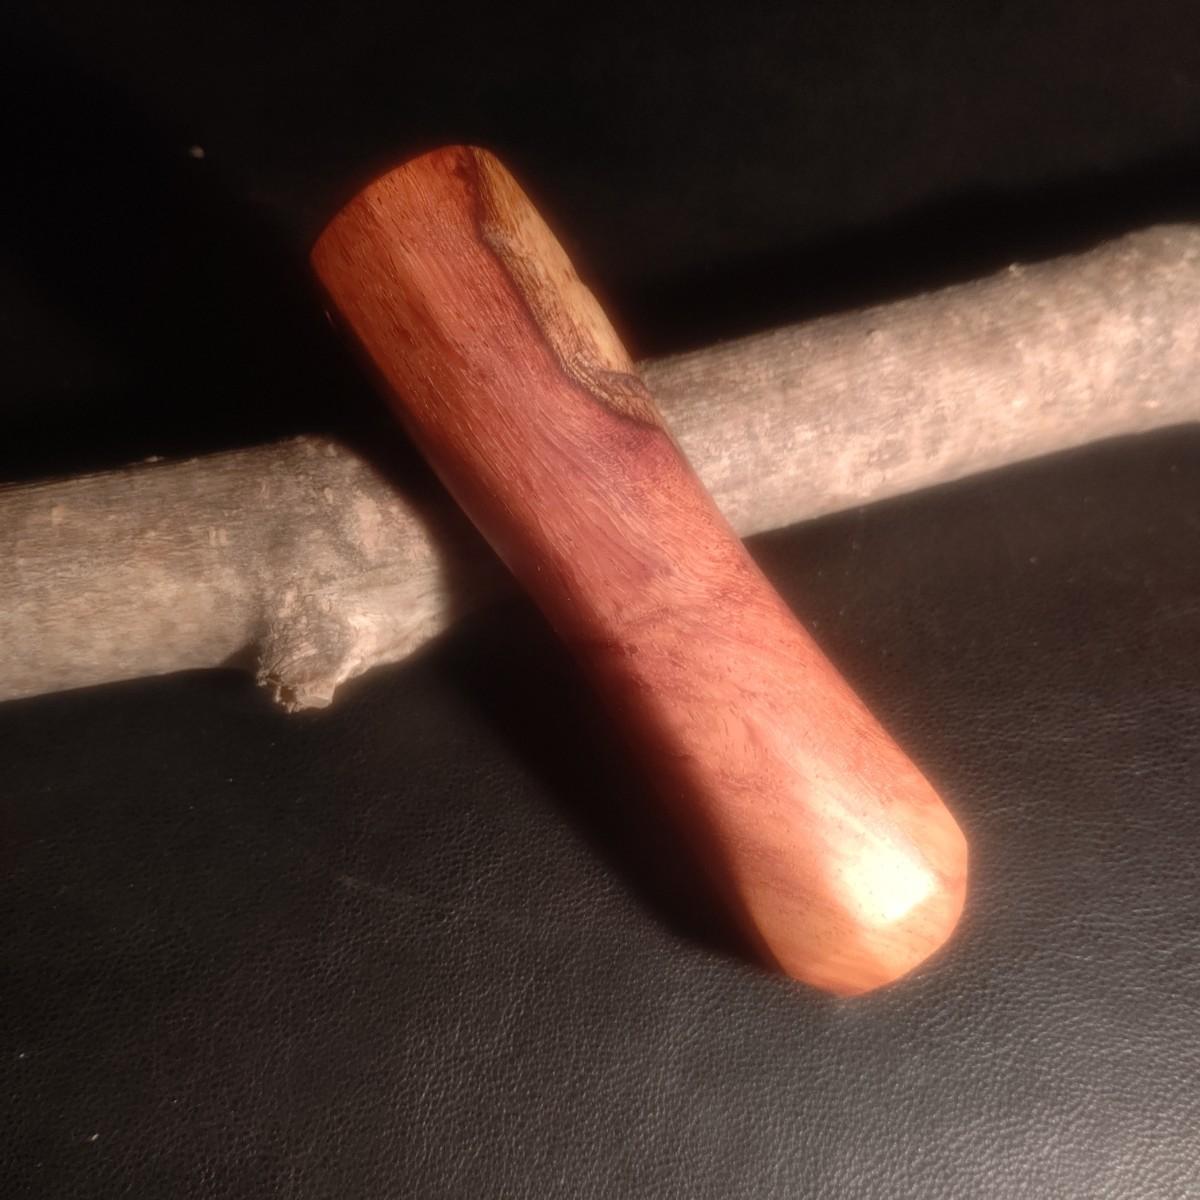 薪バサミ カスタムグリップ テオゴニア 薪ばさみ 花梨瘤